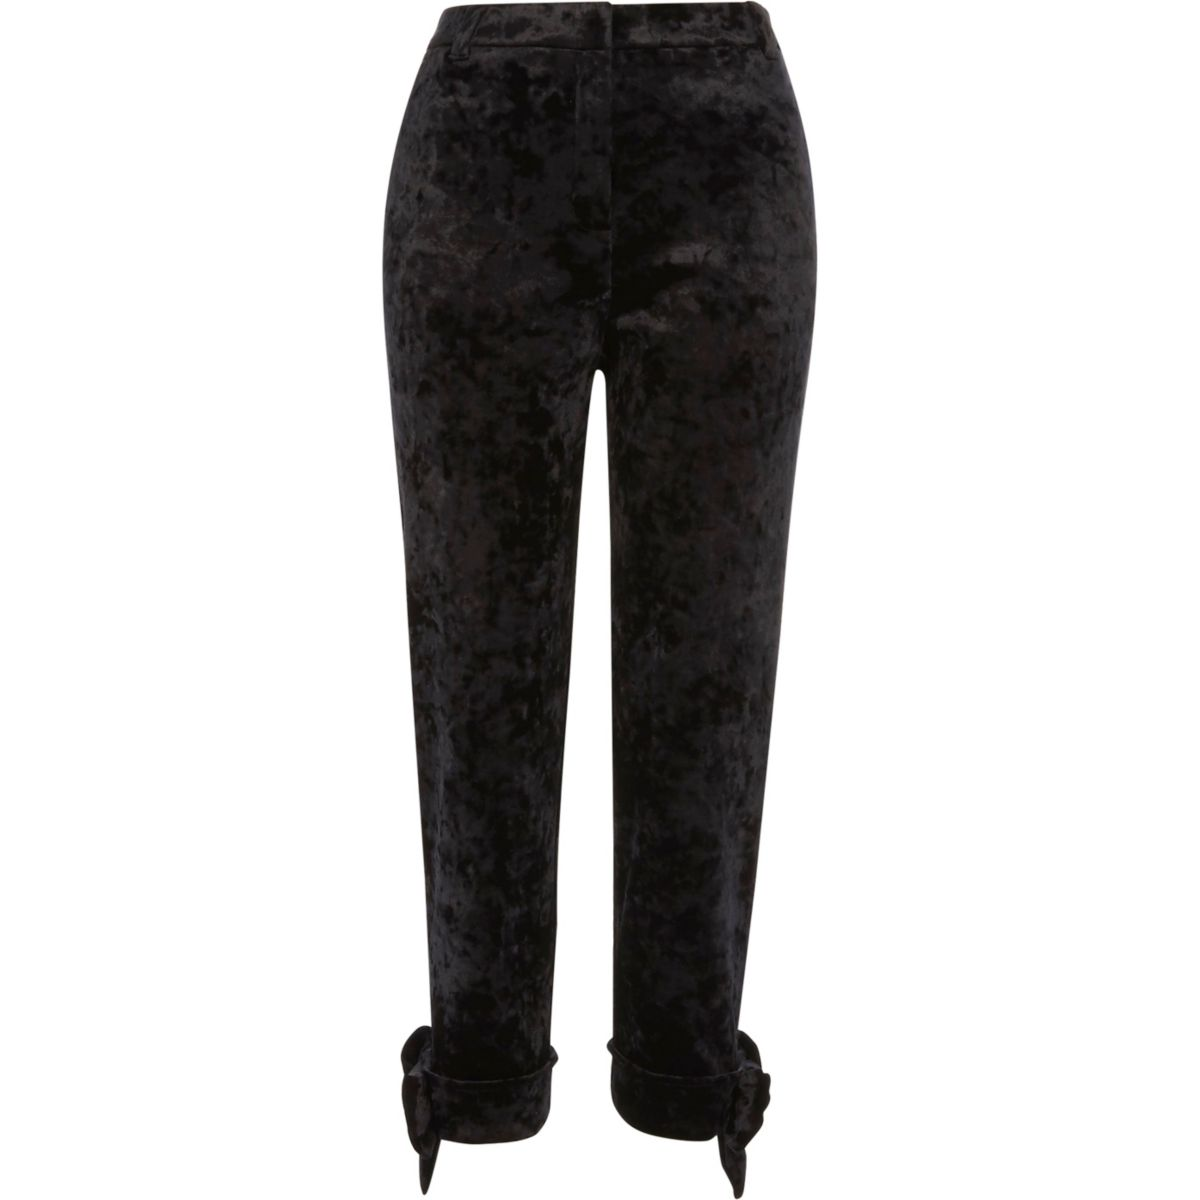 Black crushed velvet bow cigarette pants